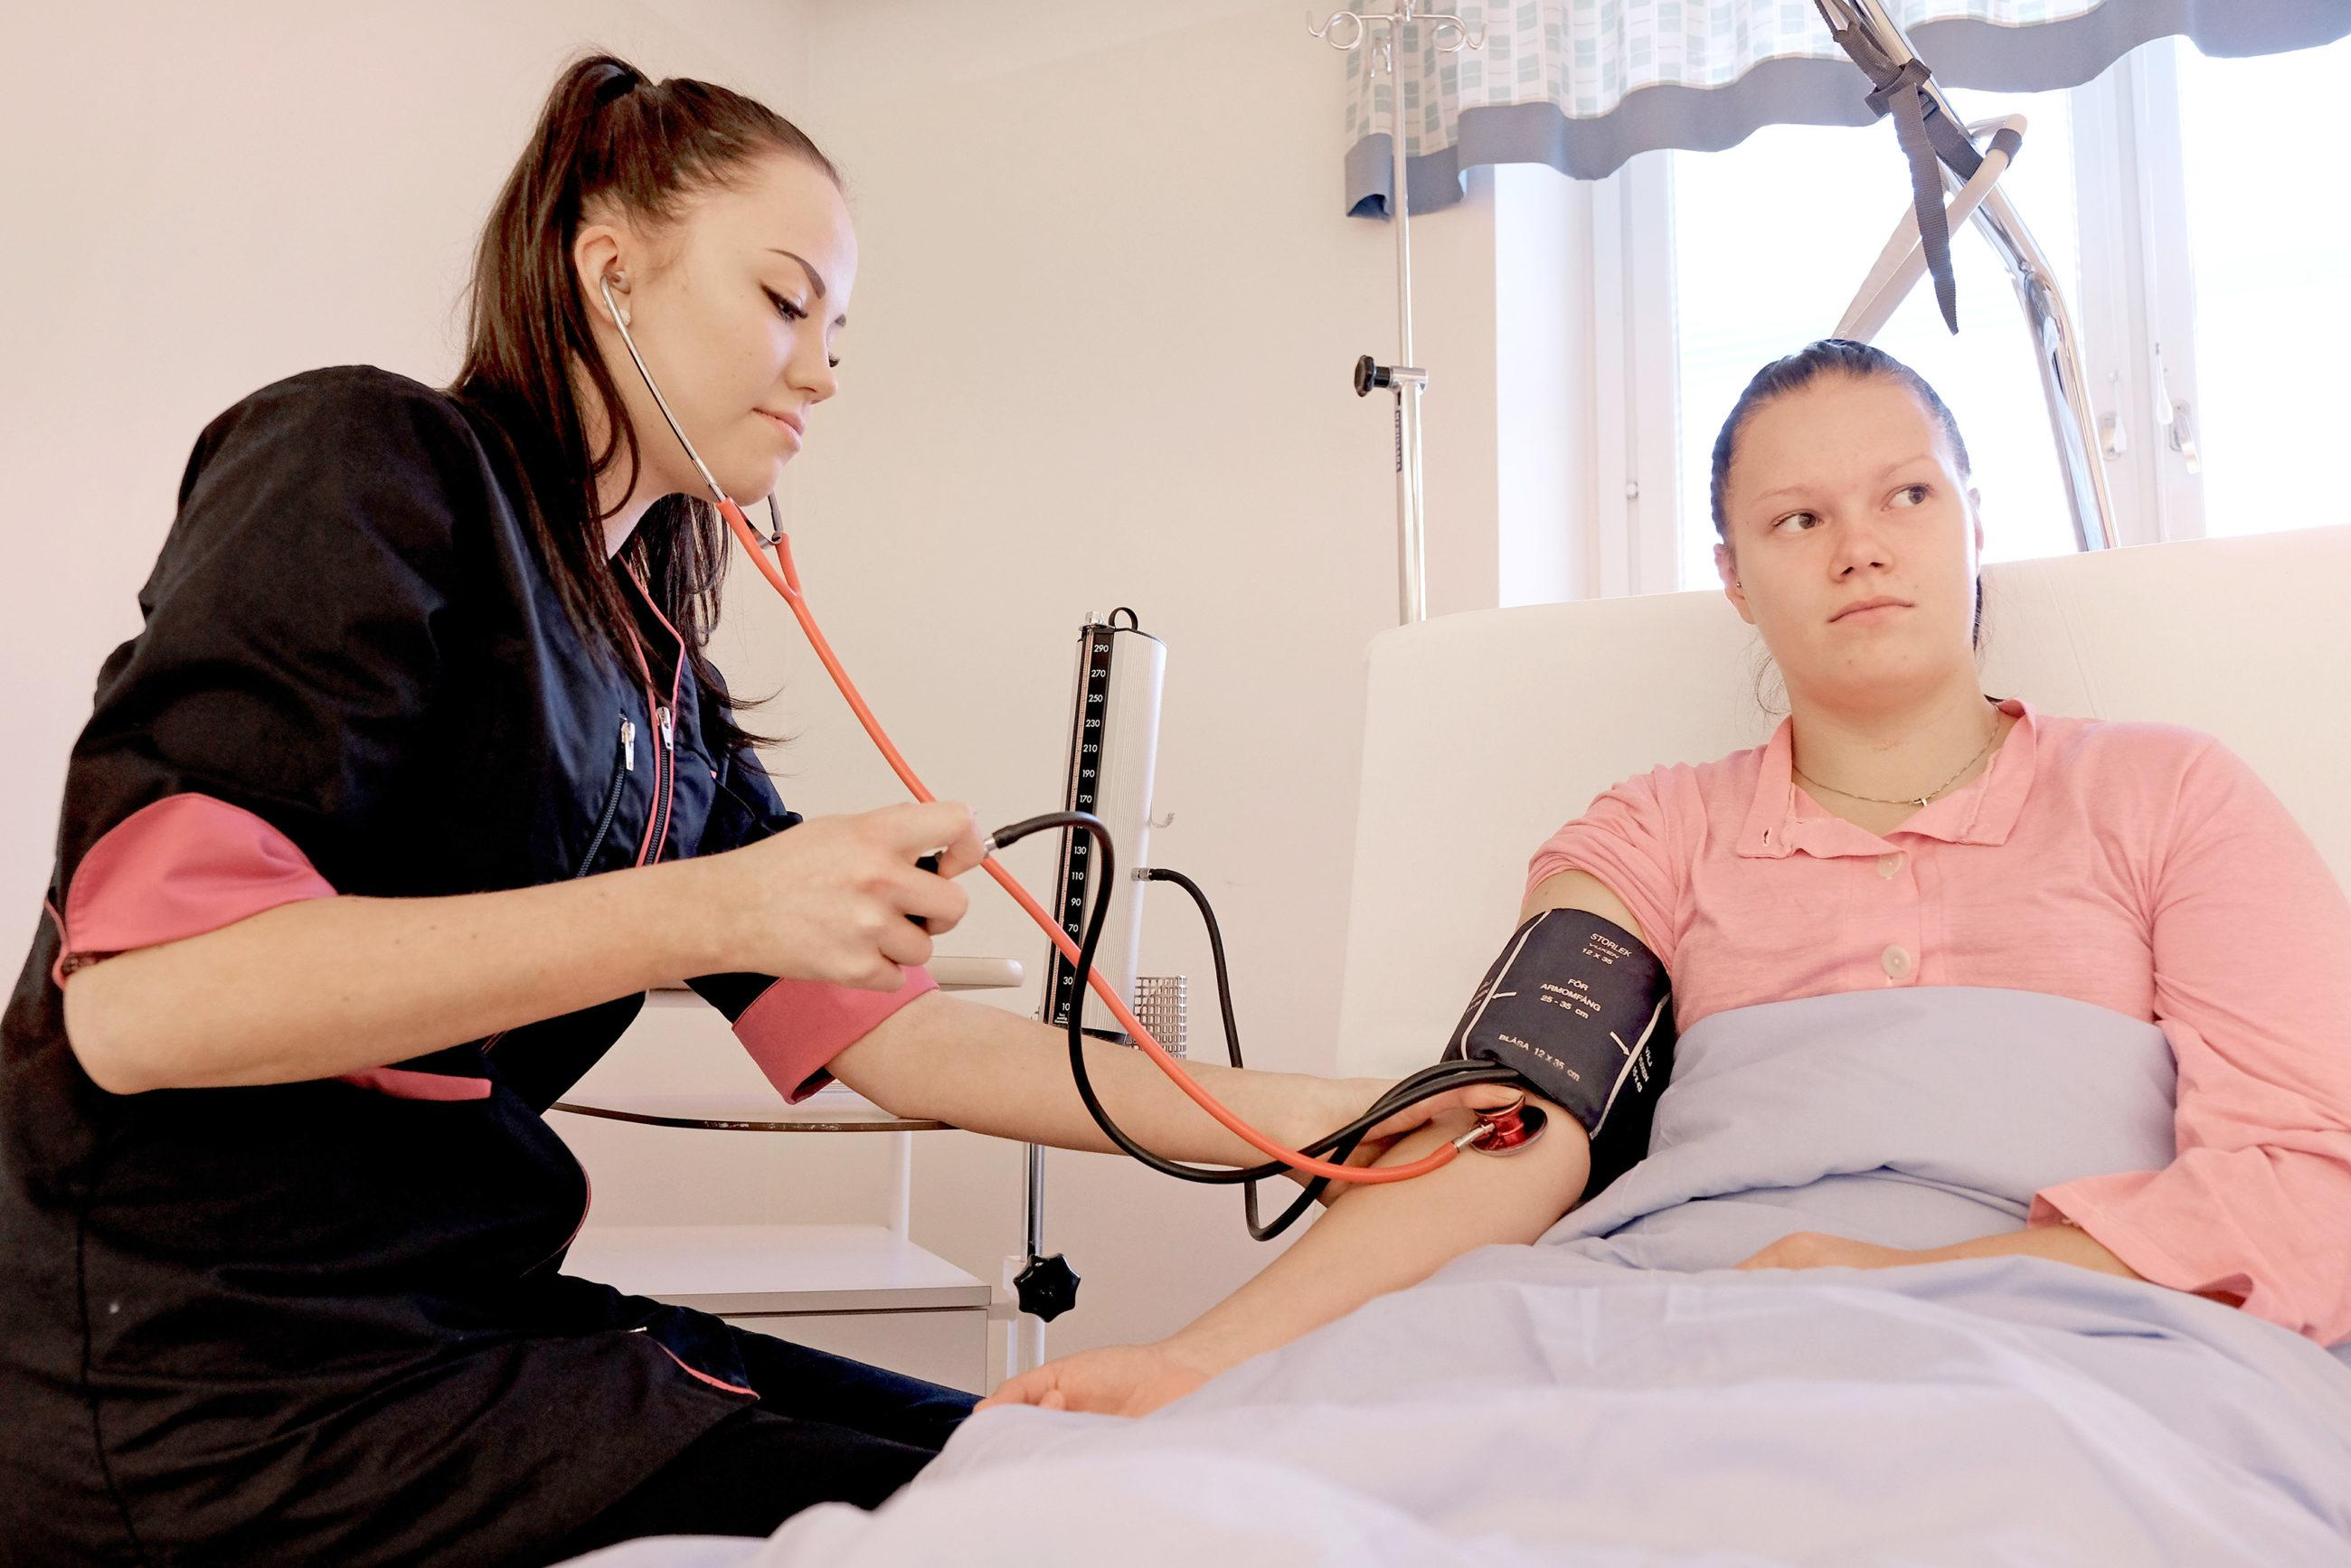 Henkilö mittaa verenpainetta toiselta henkilöltä, joka on sairaalasängyssä.